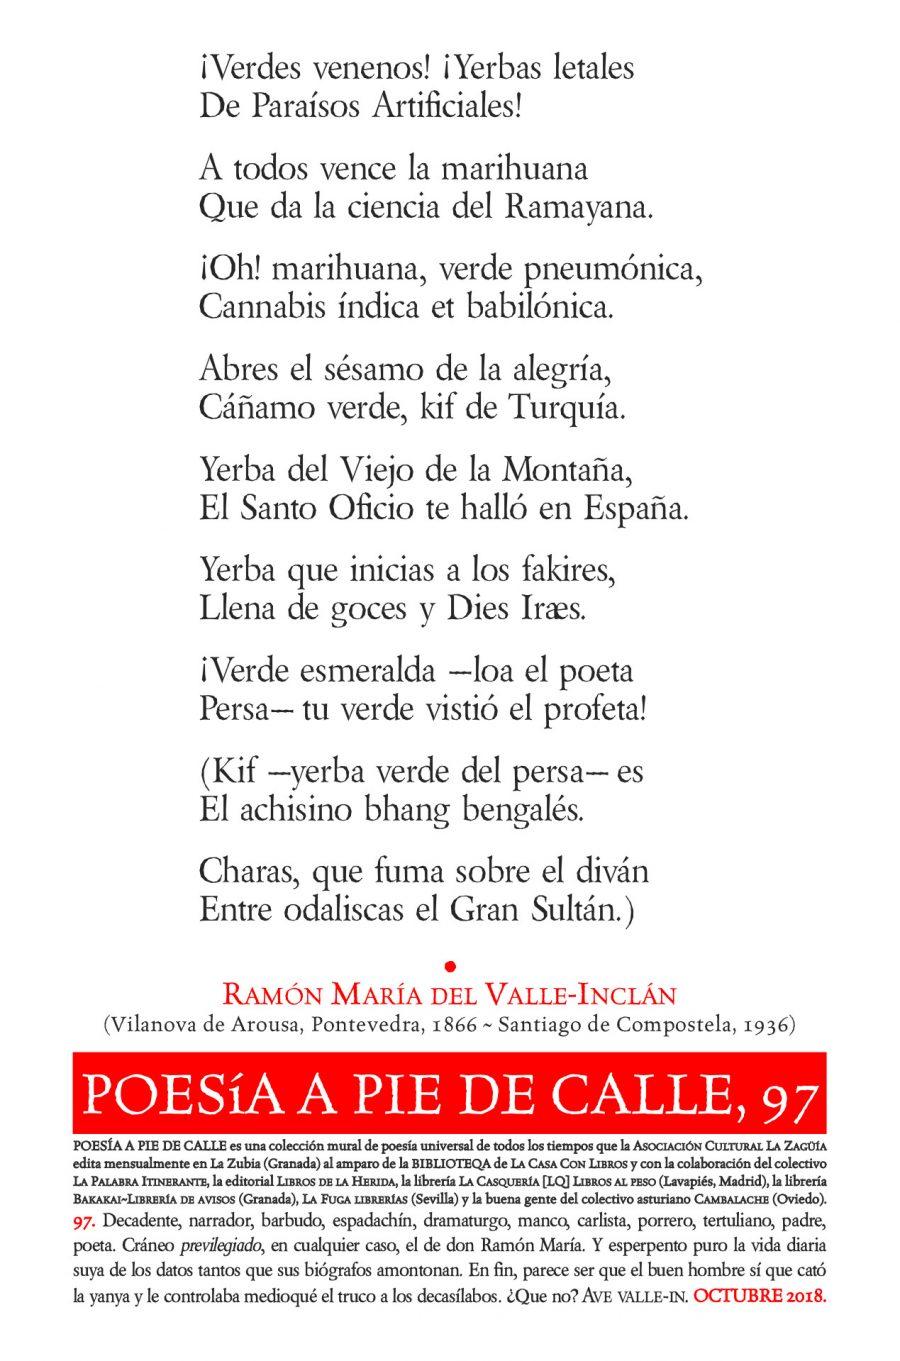 """POESÍA A PIE DE CALLE, 97: """"¡VERDES VENENOS! ¡YERBAS LETALES…"""", DE RAMÓN MARÍA DEL VALLE-INCLÁN"""